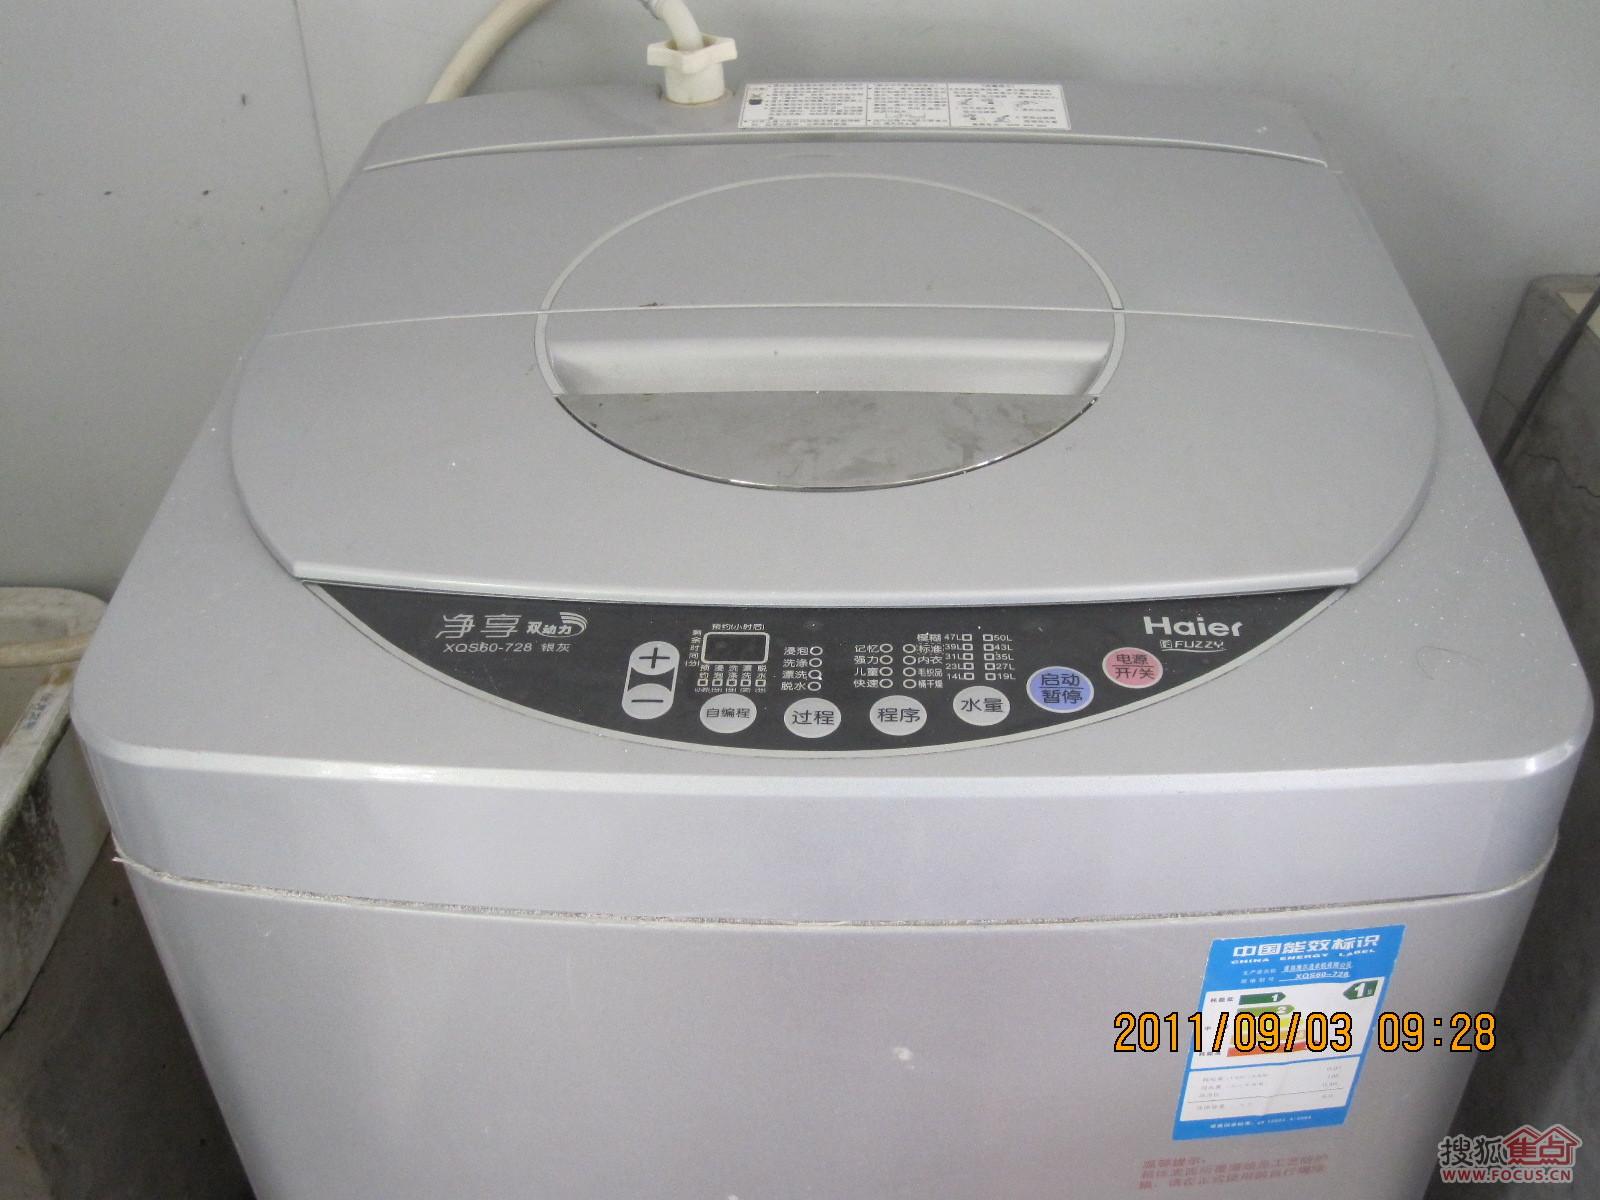 海尔洗衣机的过滤网图片免费下载;